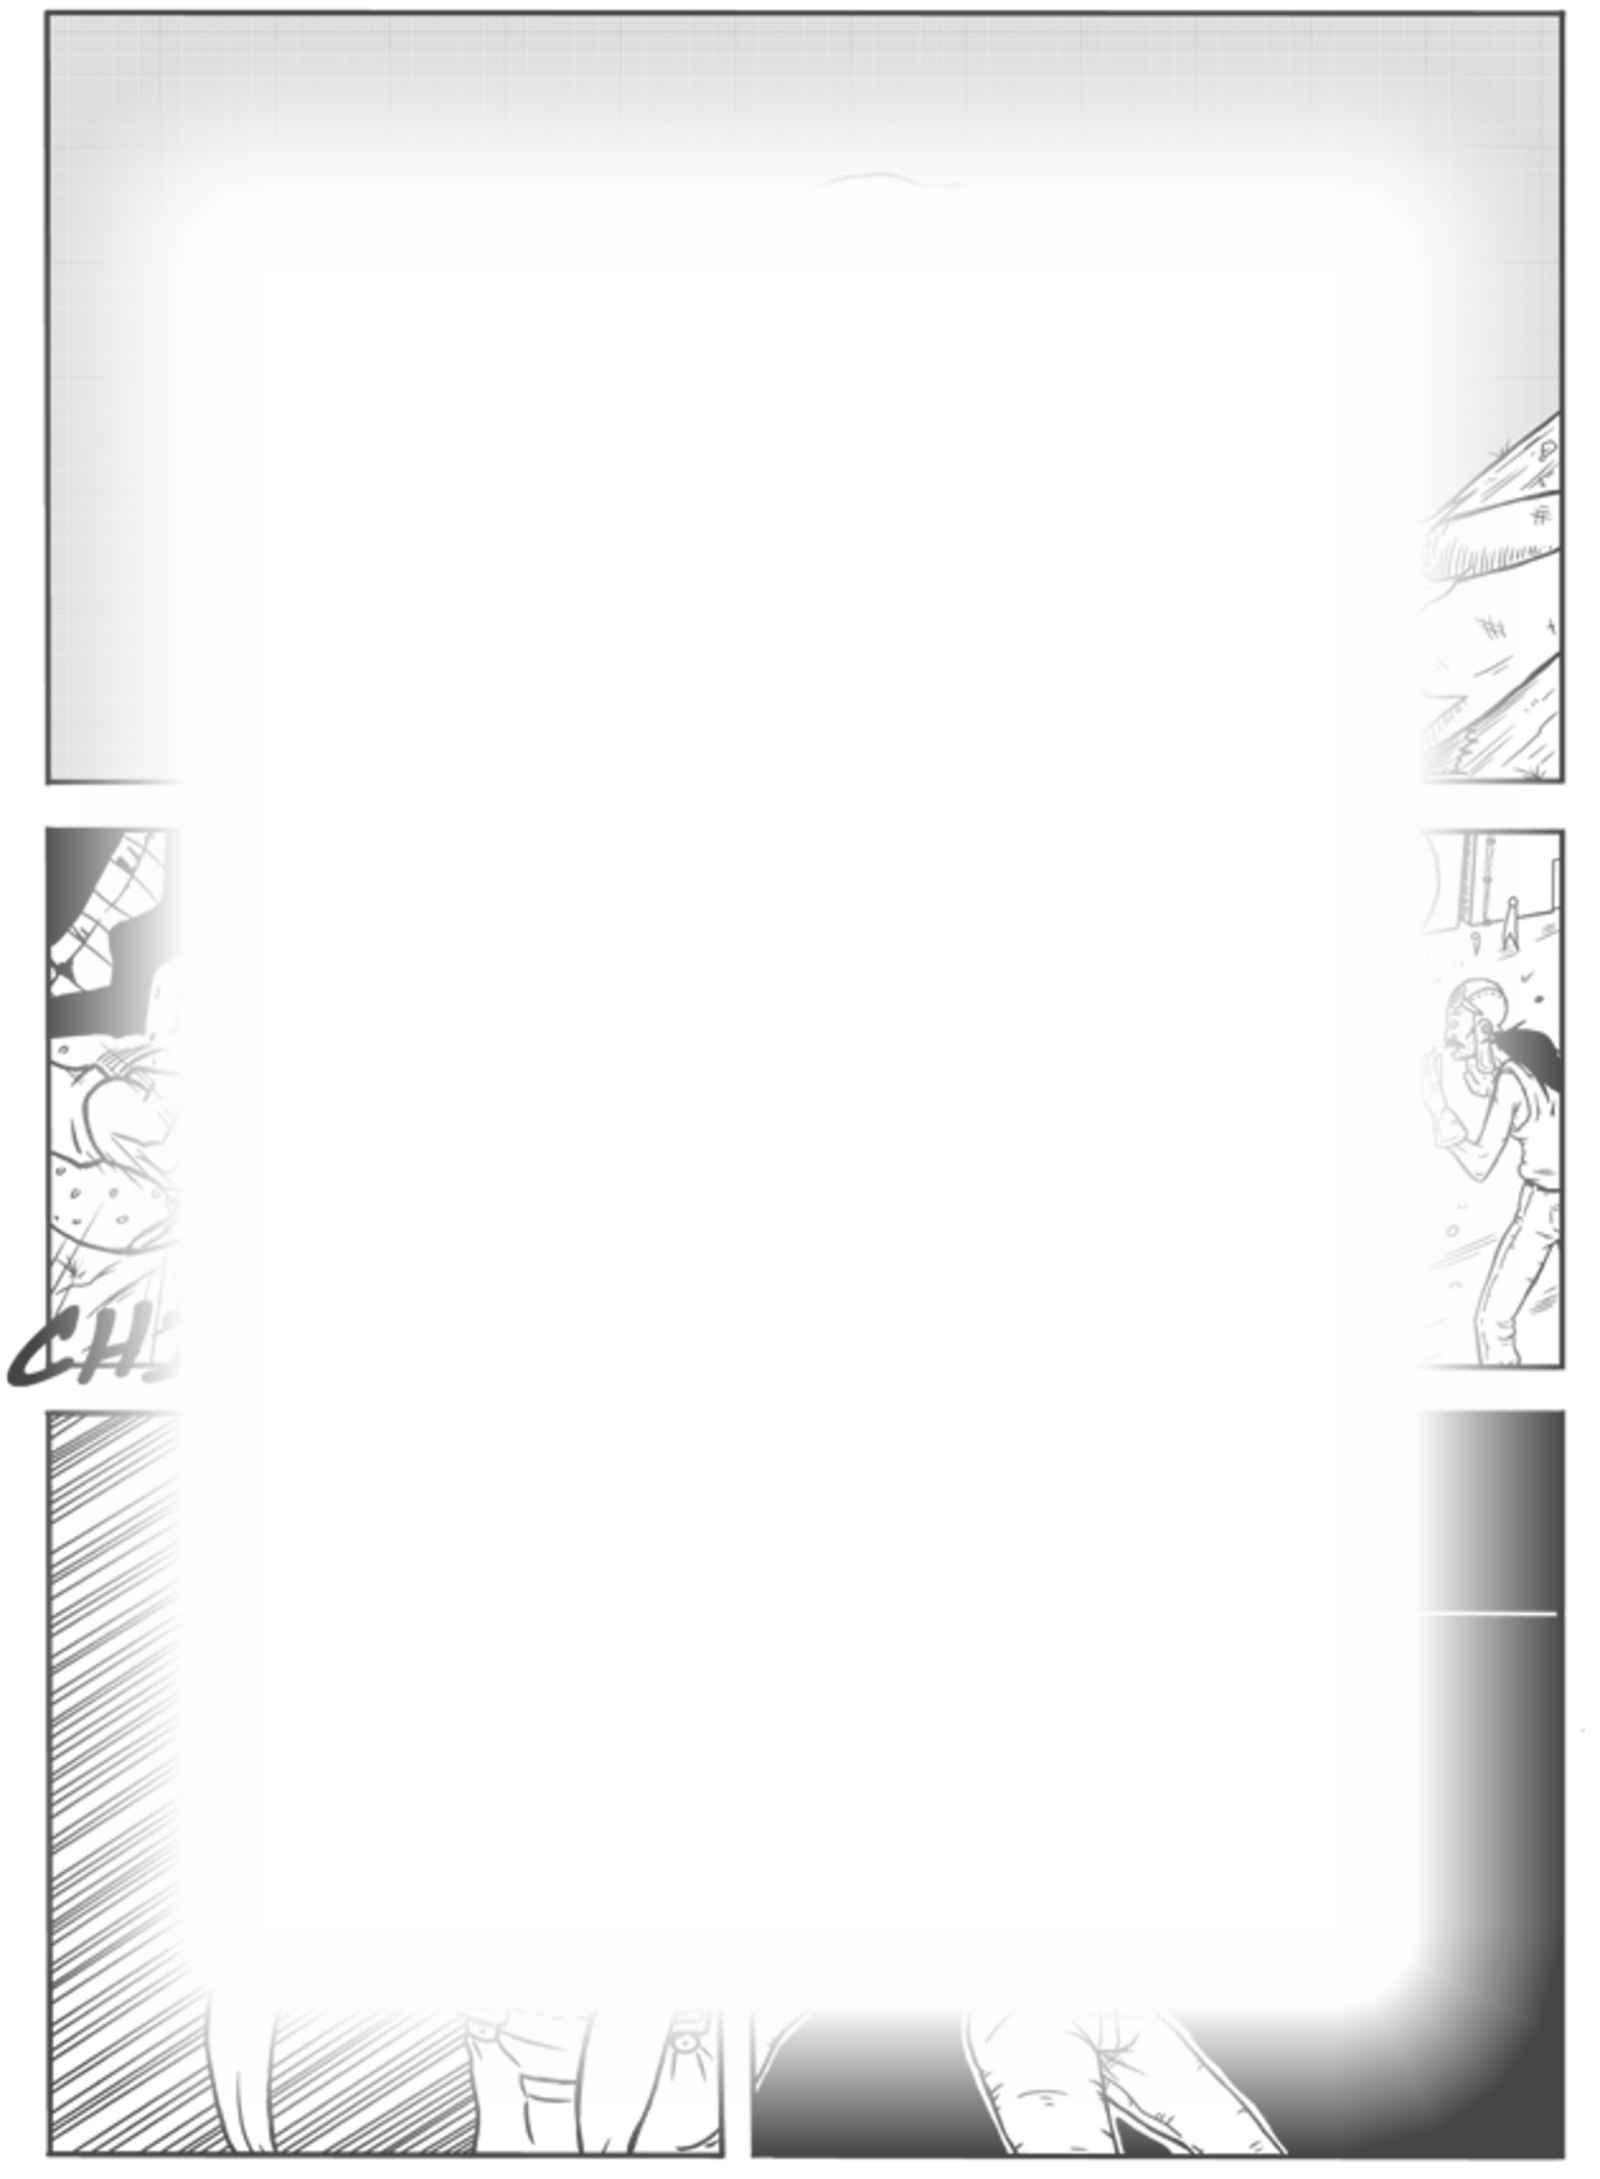 フード・アタック : チャプター 1 ページ 20